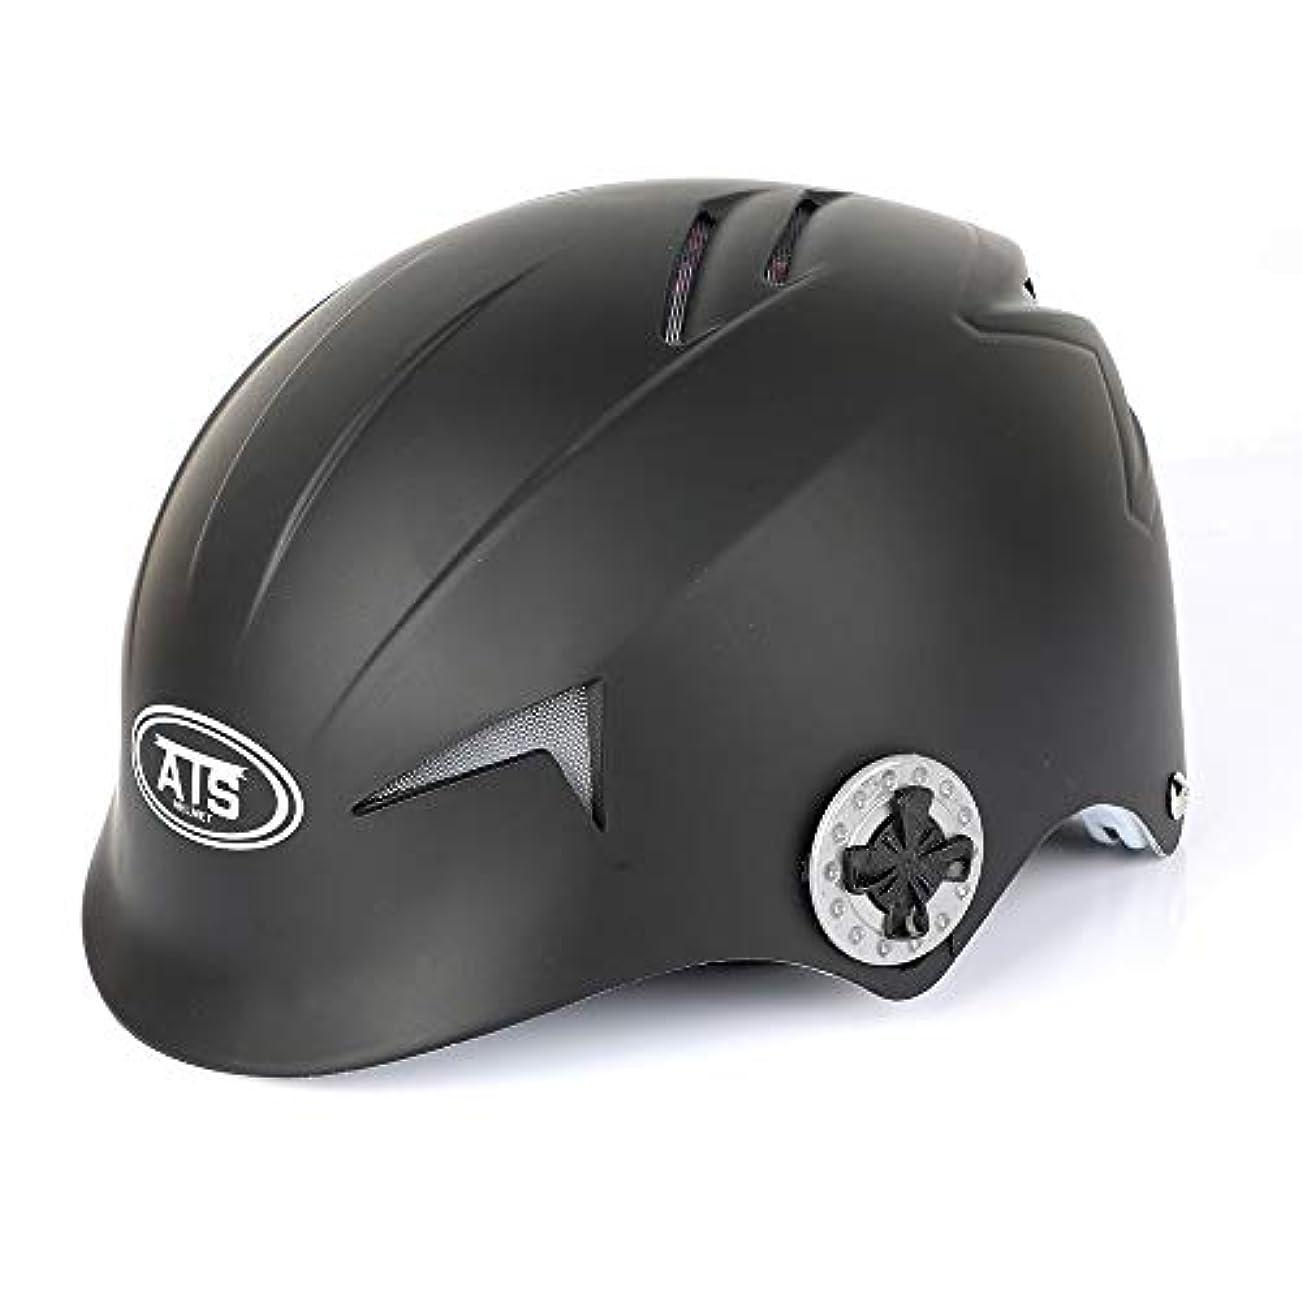 目立つステップアクティビティ髪の再成長レーザーヘルメット128医療ダイオード、メンズ?レディース?ダイオード治療の帽子のための急速な成長毛キャップ抜け毛ソリューション